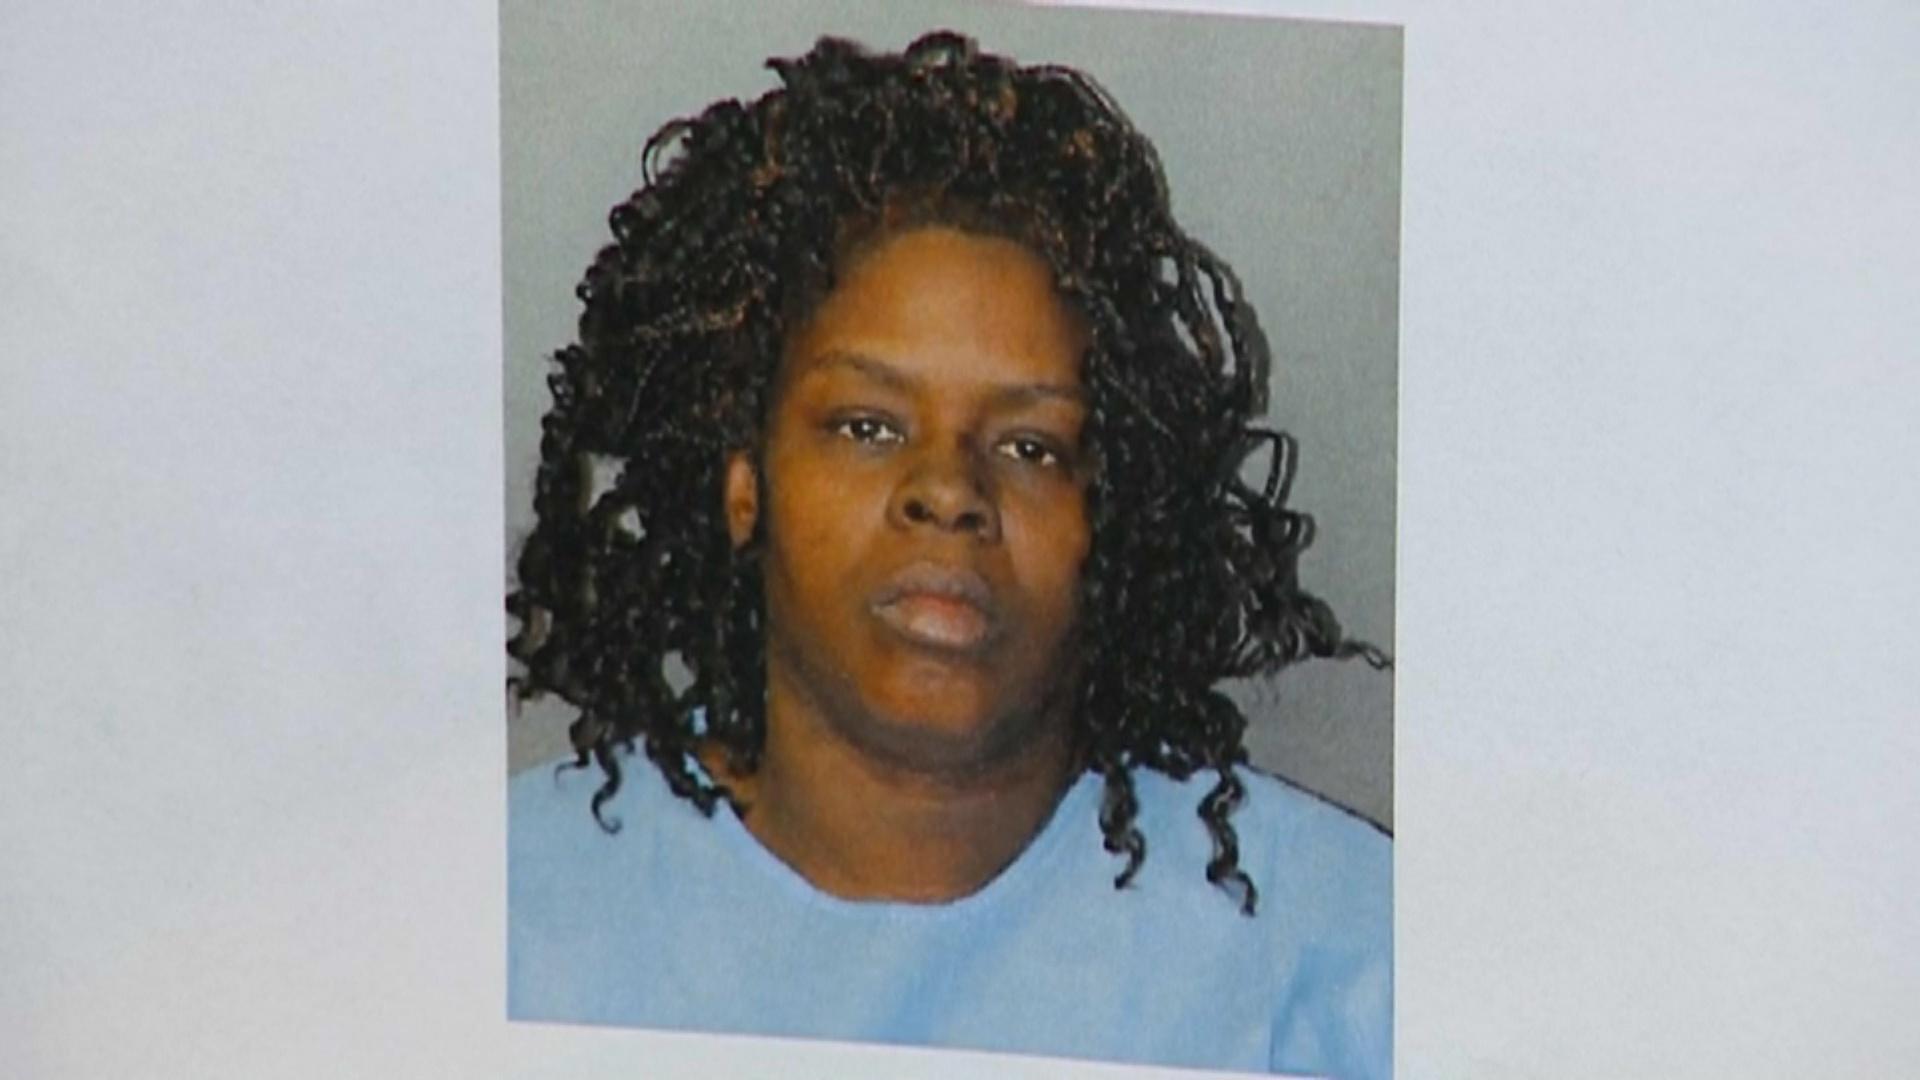 Matka oskarżona o zasztyletowanie dwóch synów w Massachusetts